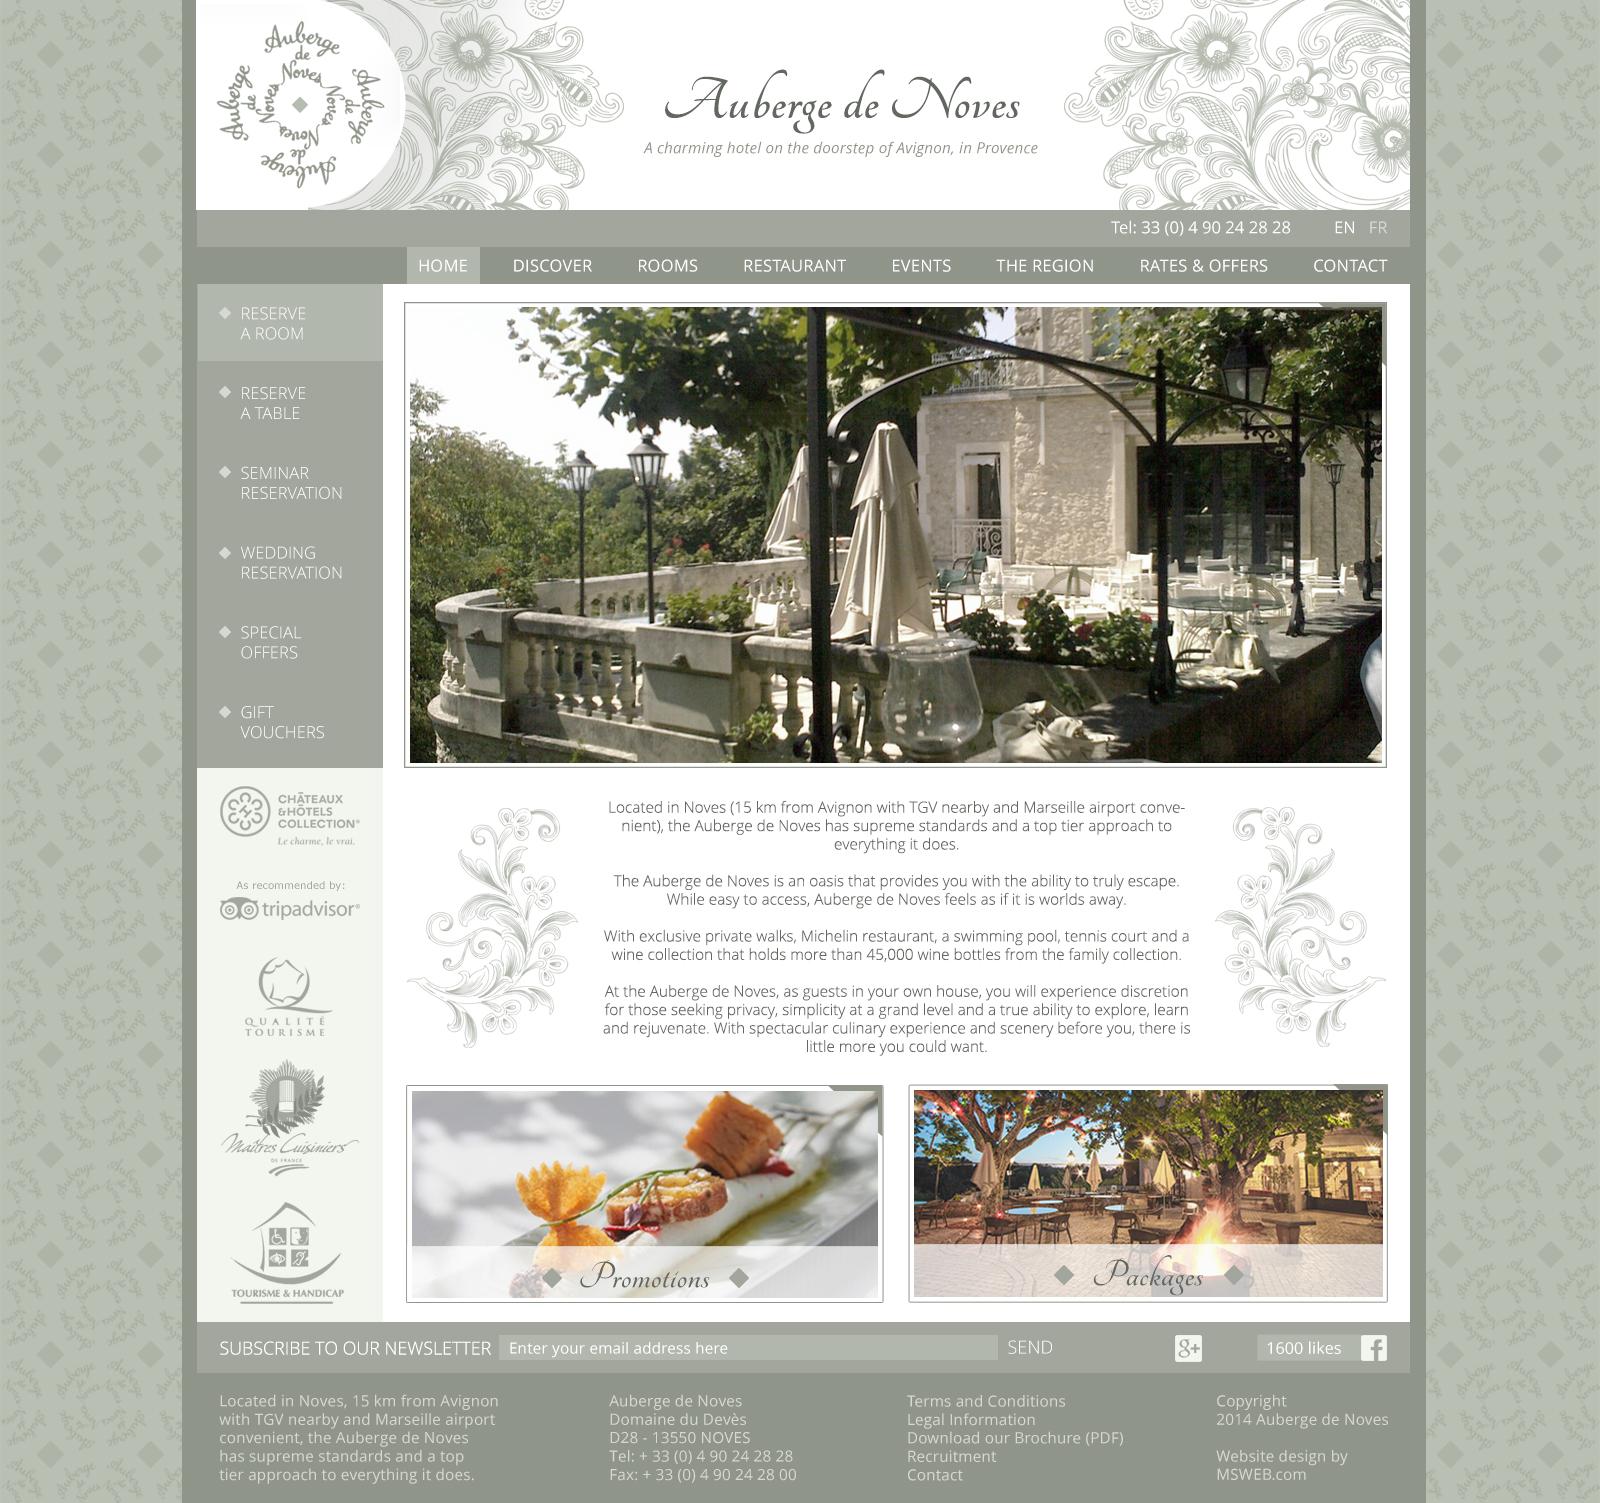 Auberge de Noves home page